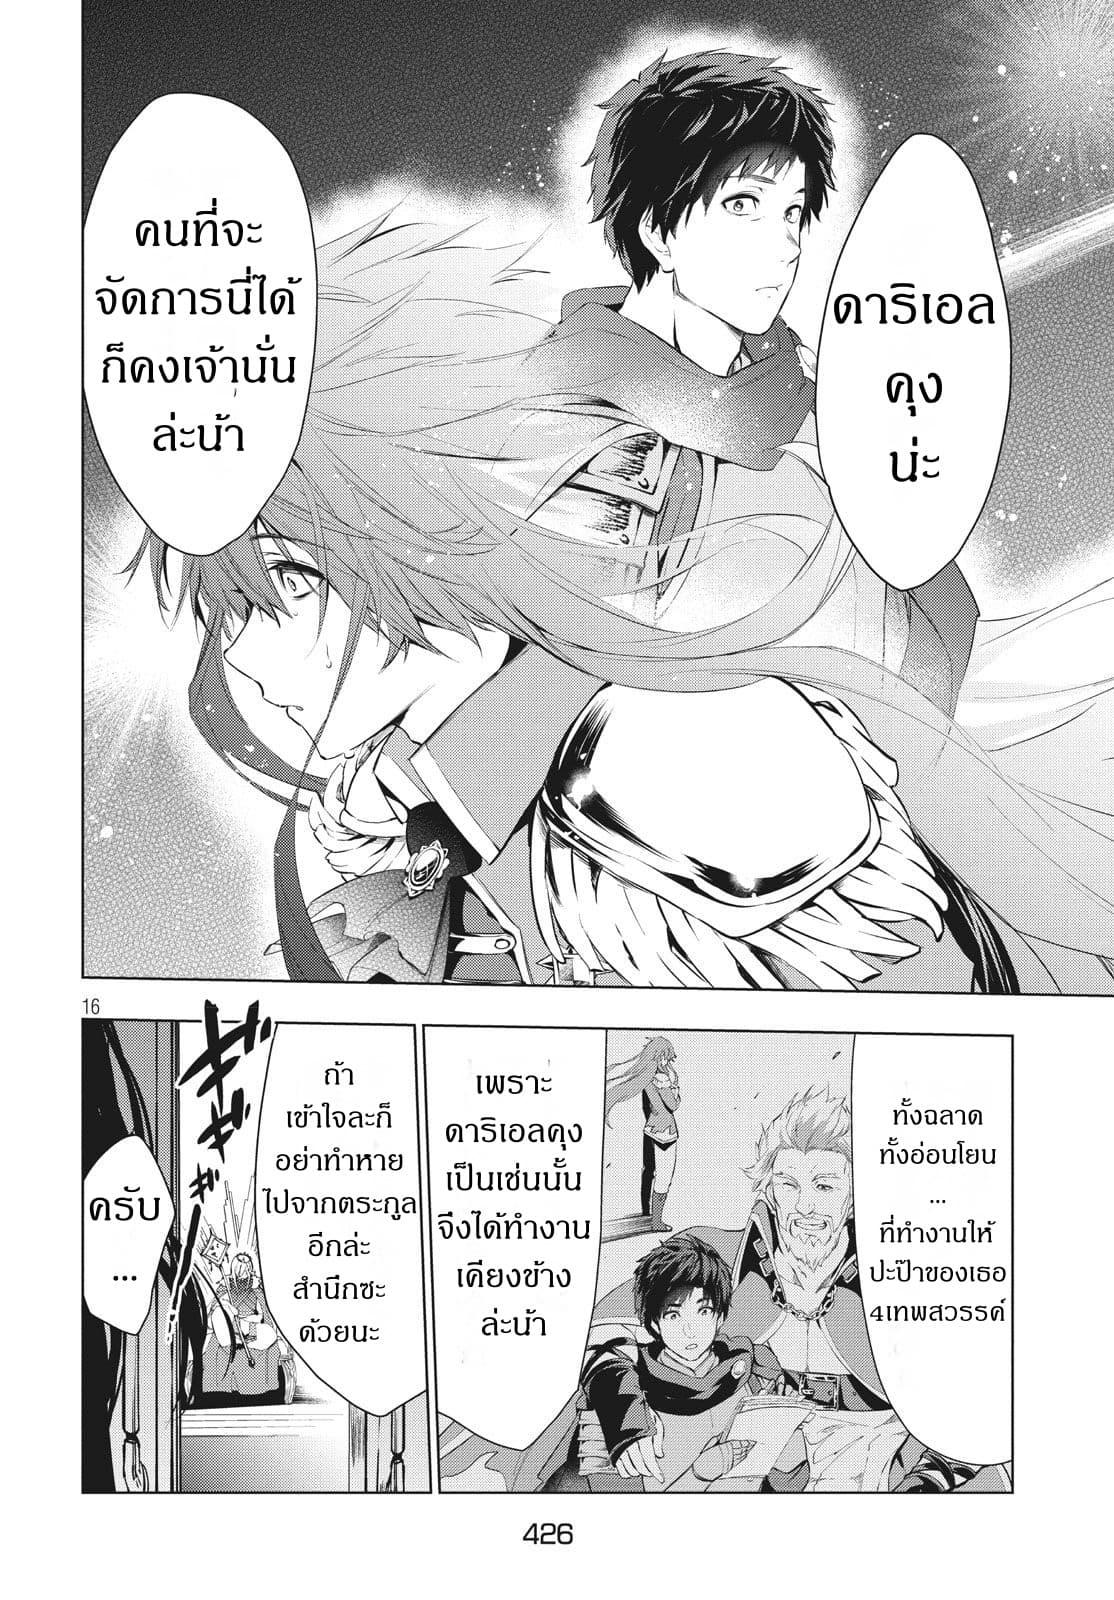 อ่านการ์ตูน Kaiko sareta Ankoku Heishi (30-dai) no Slow na Second ตอนที่ 7.1 หน้าที่ 15